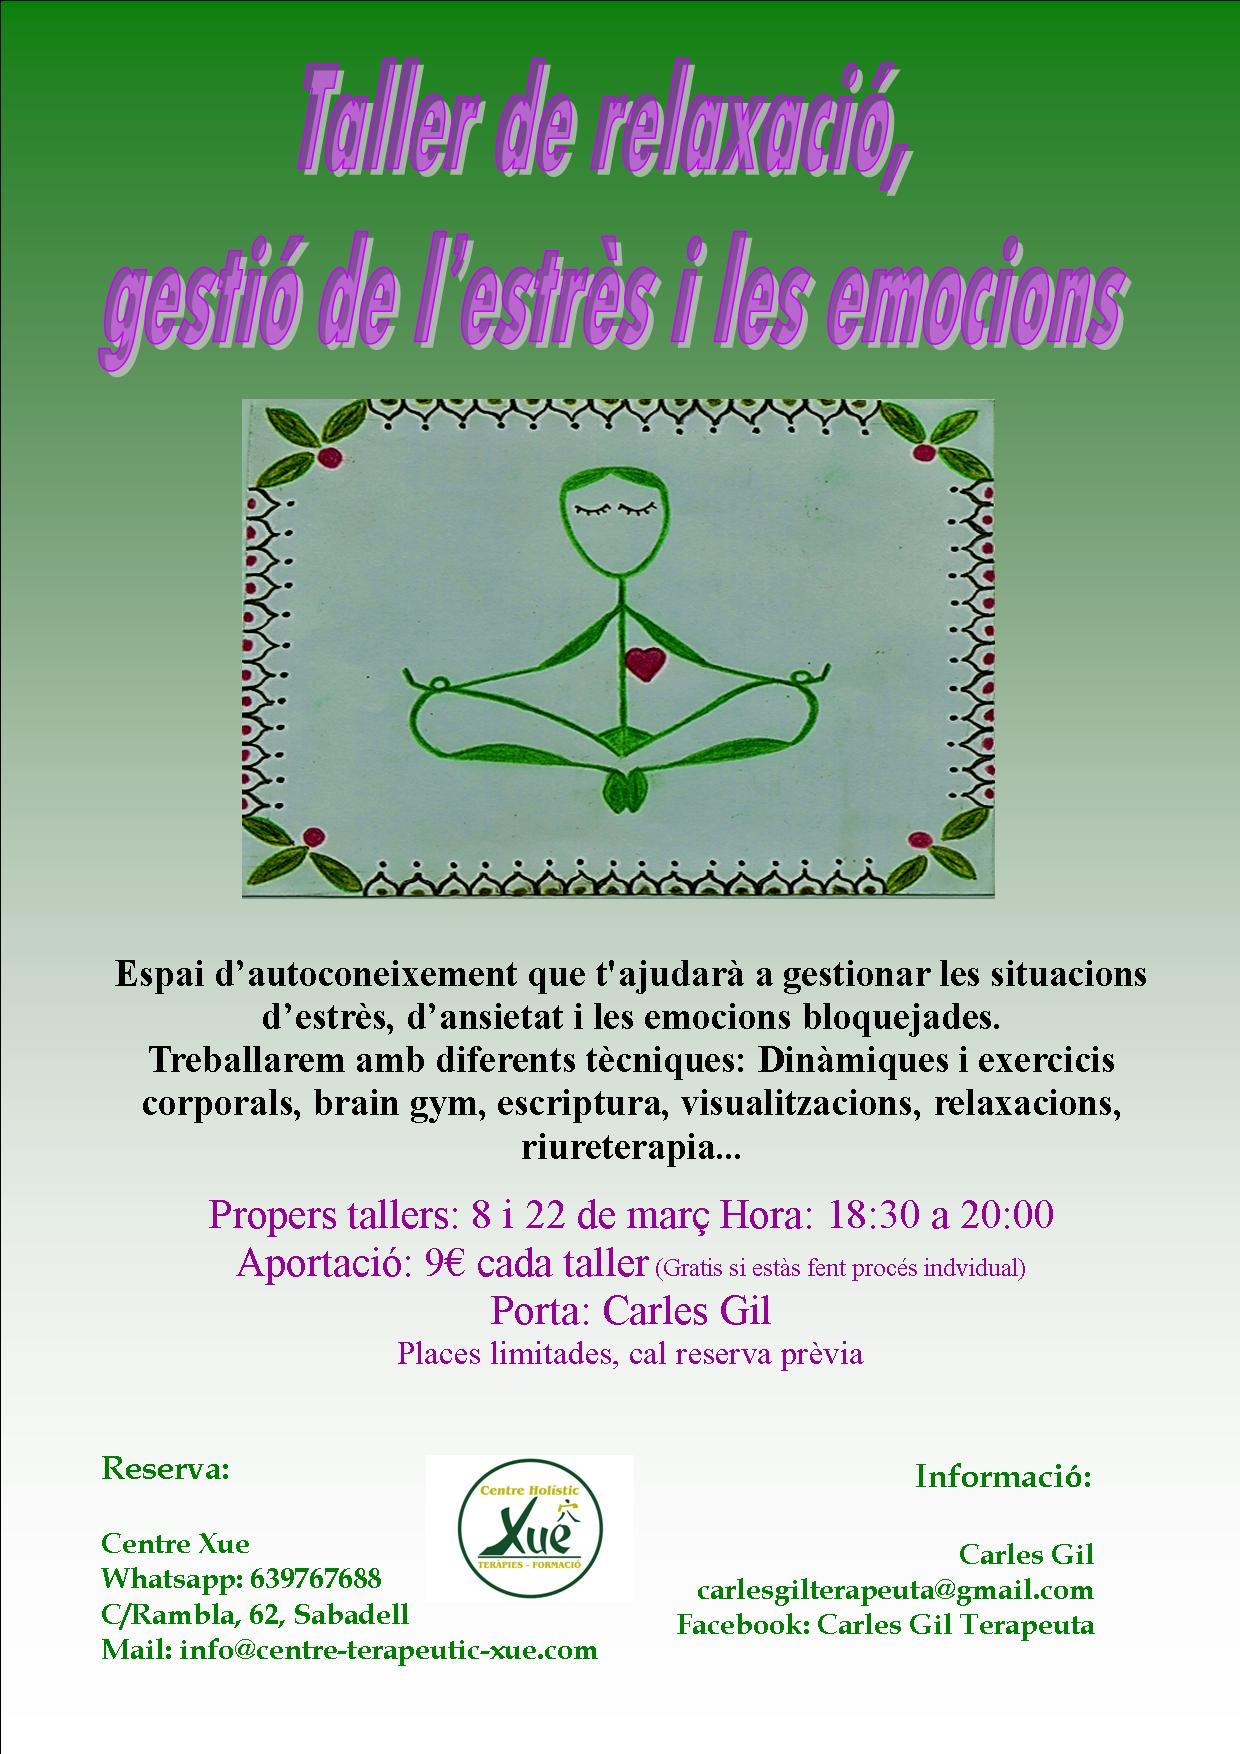 taller de relajación y gestión emociones